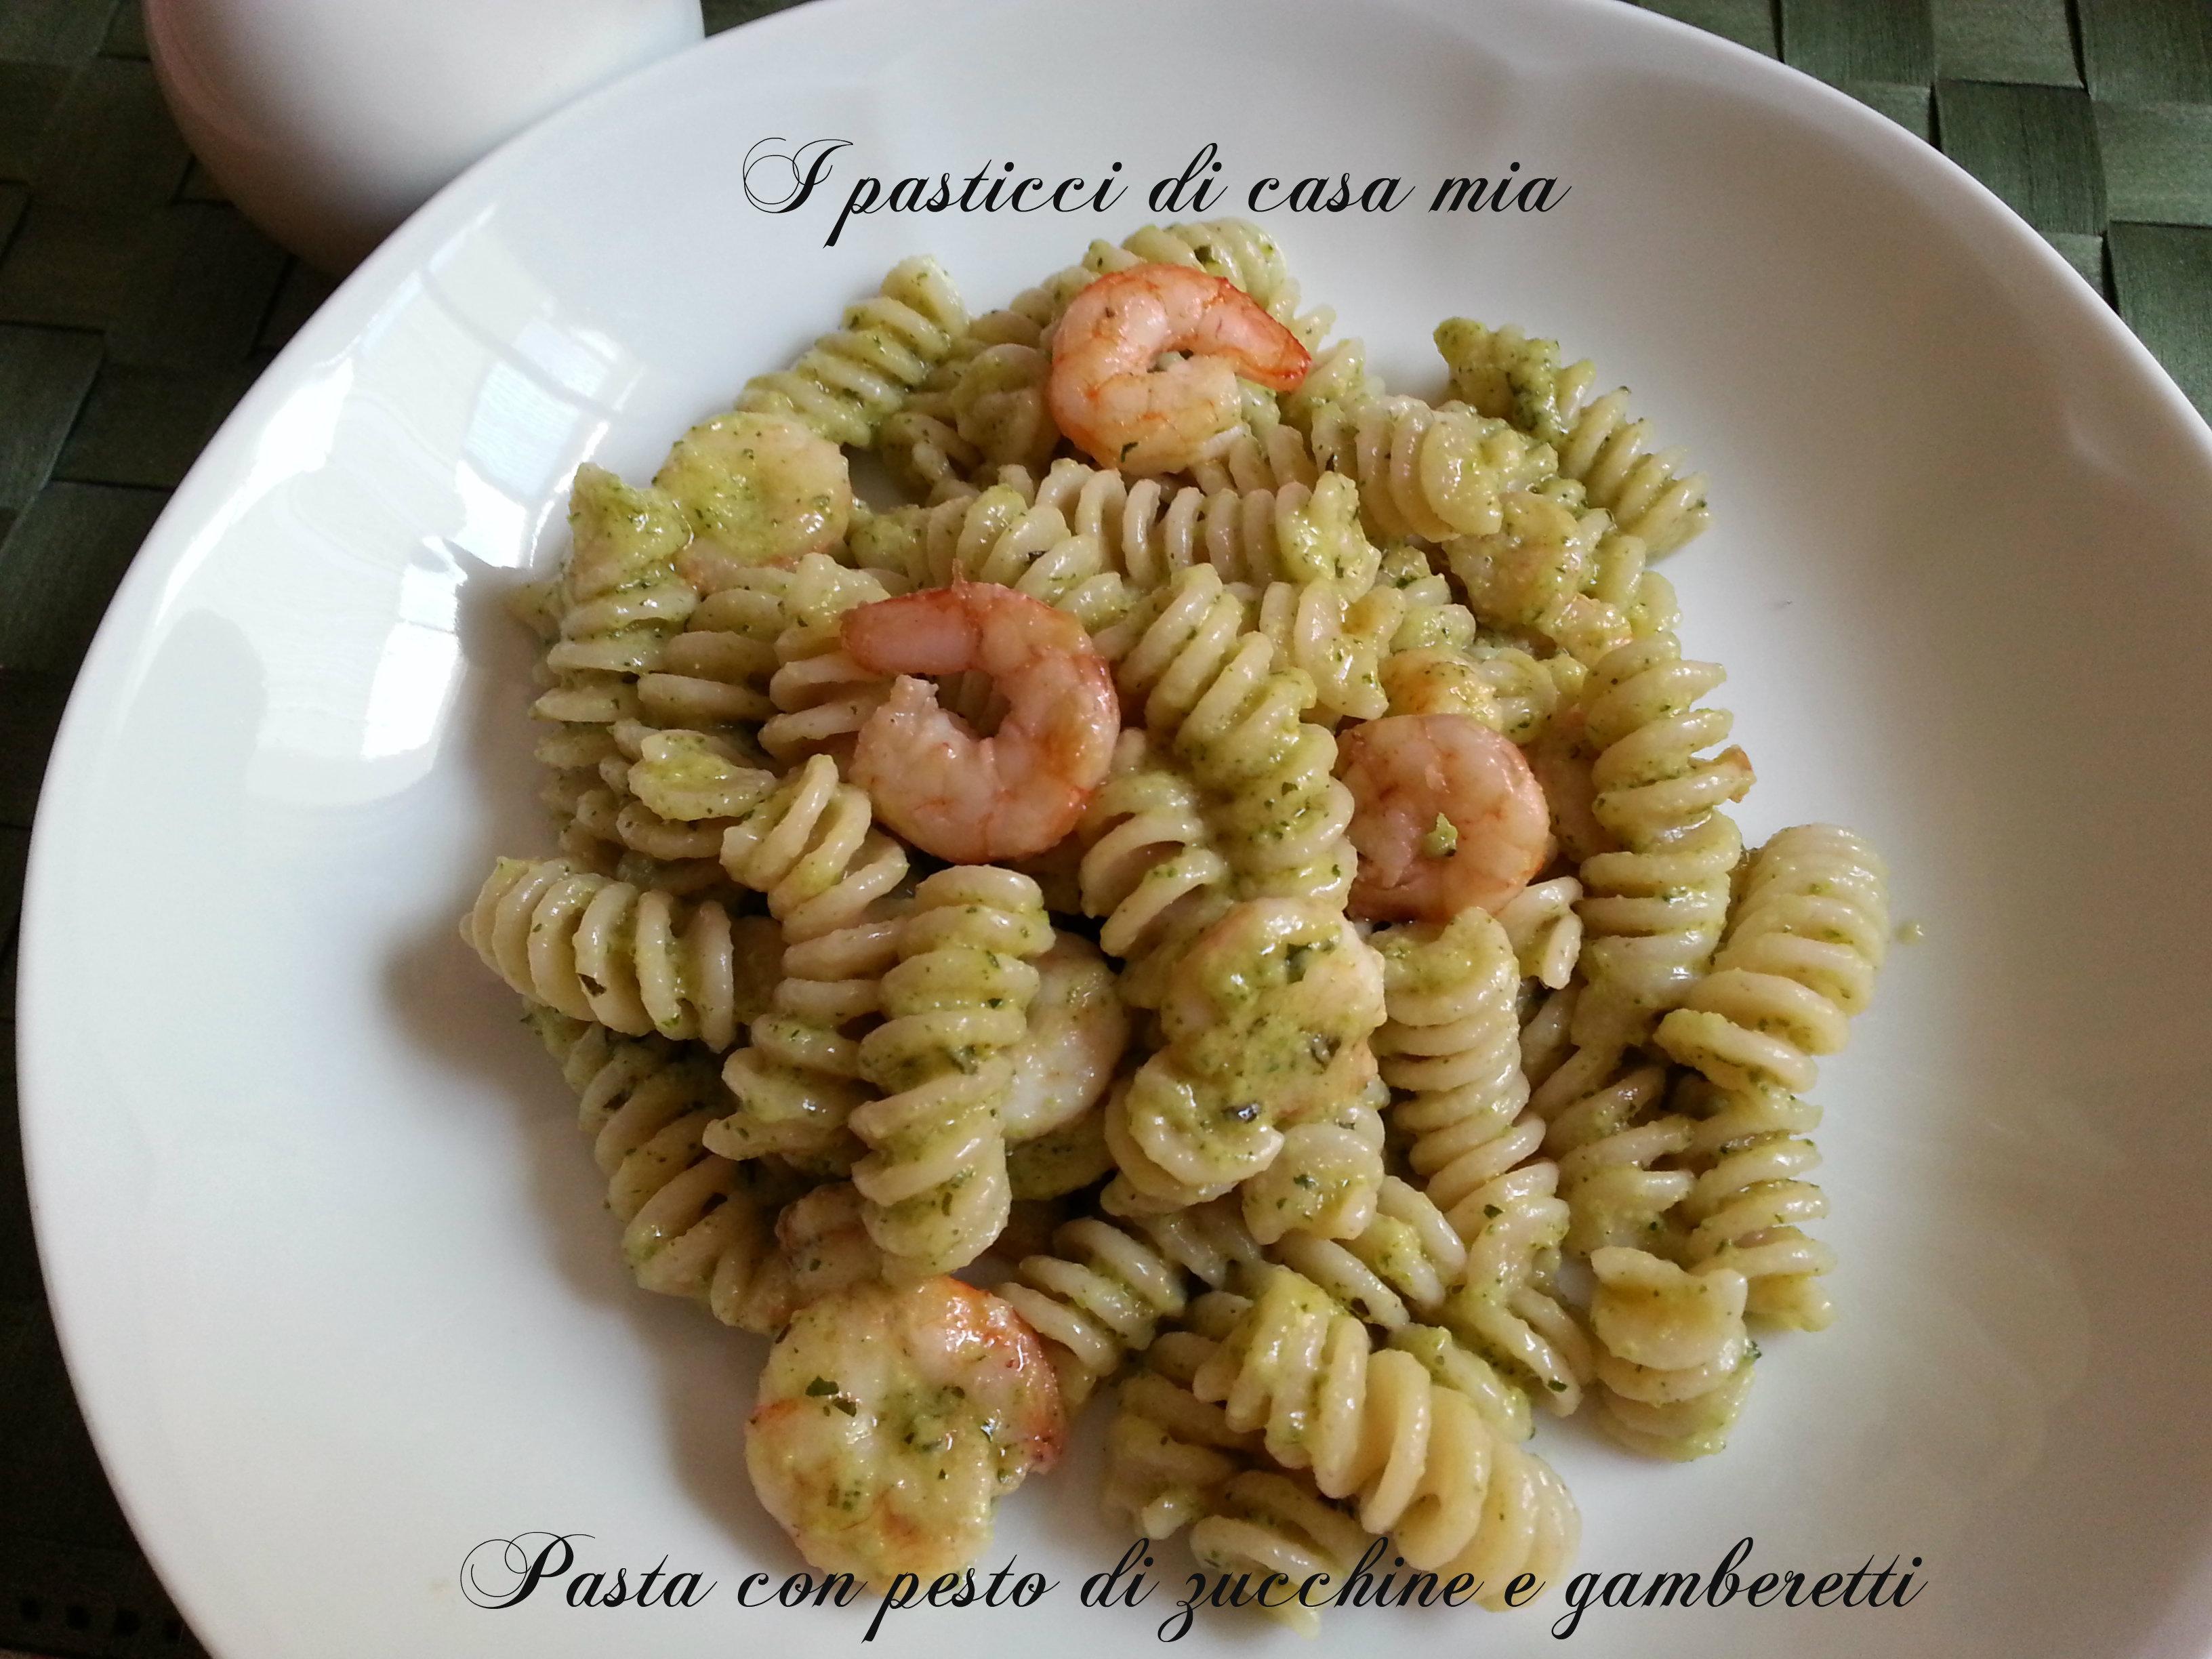 Pasta con pesto di zucchine e gamberetti